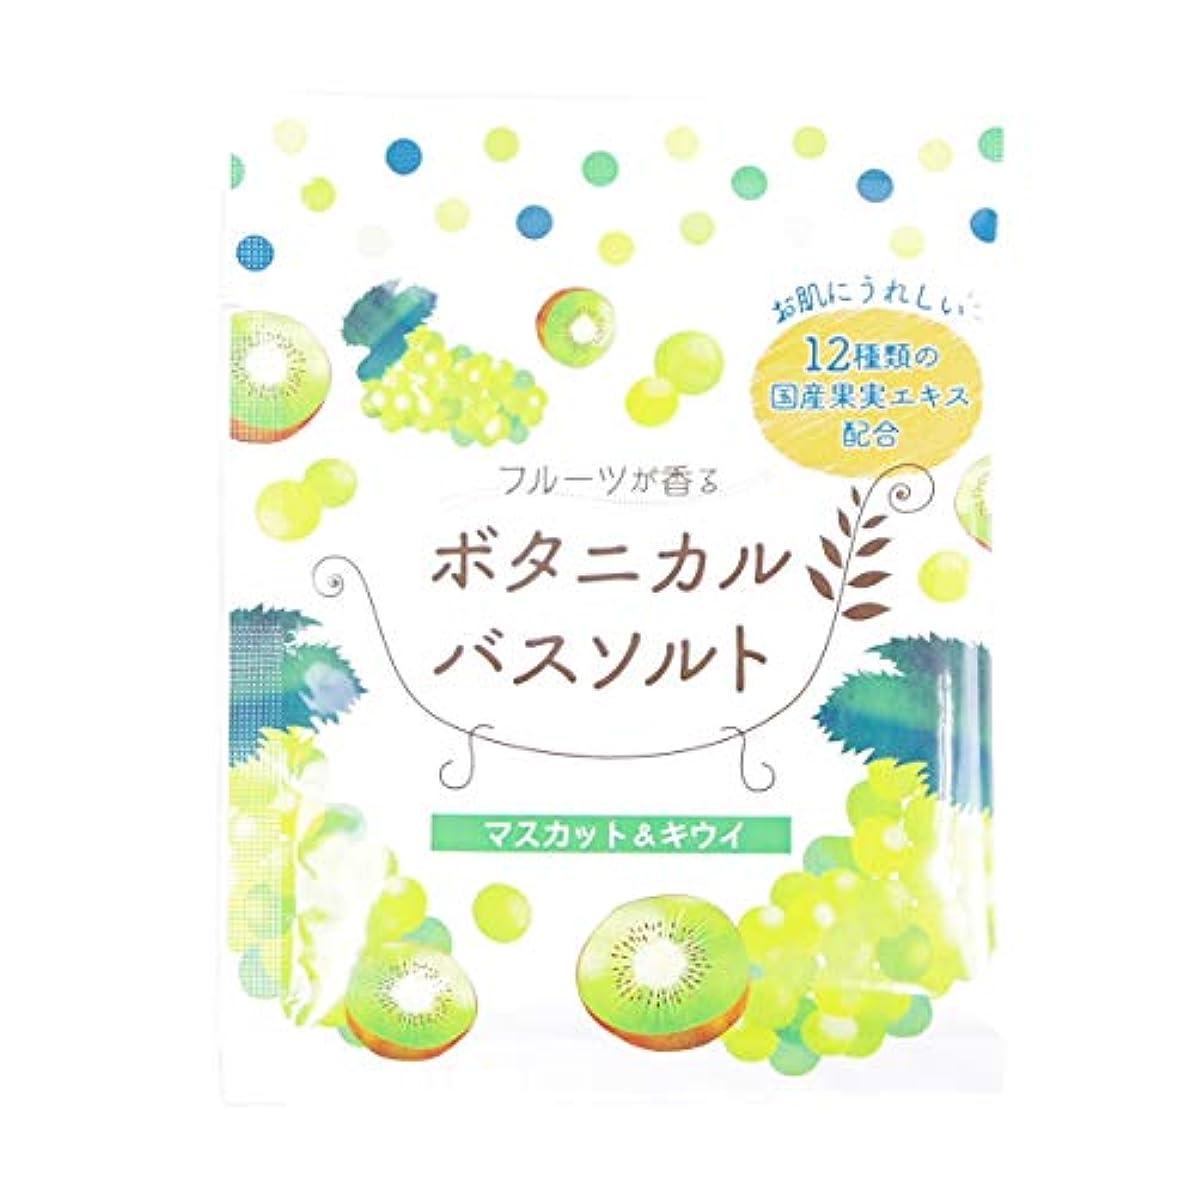 スチュワード一般的な人道的松田医薬品 フルーツが香るボタニカルバスソルト マスカット&キウイ 30g